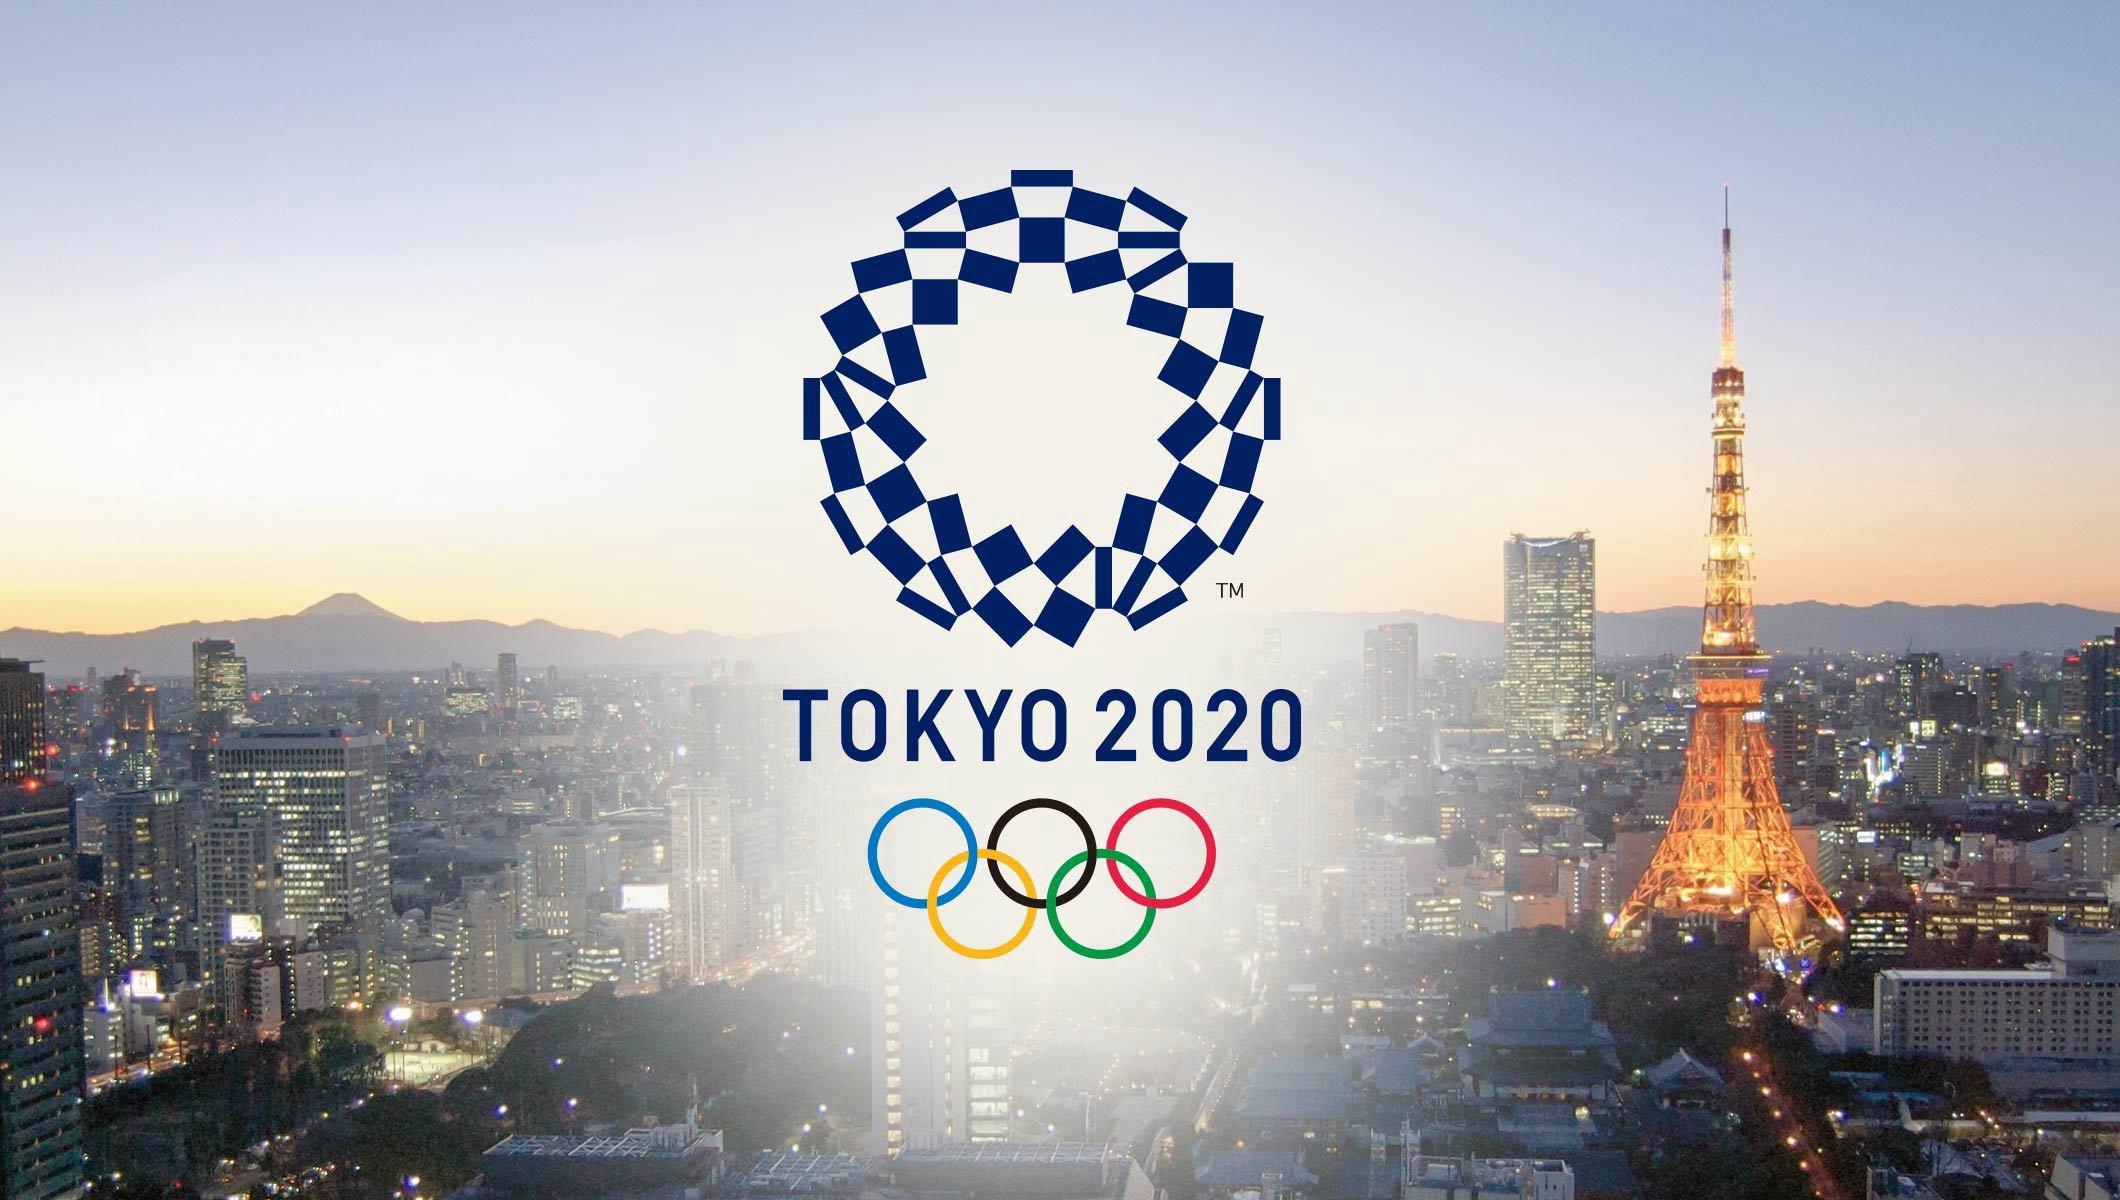 Jogos Olímpicos: organização preocupada com possível impacto do coronavírus